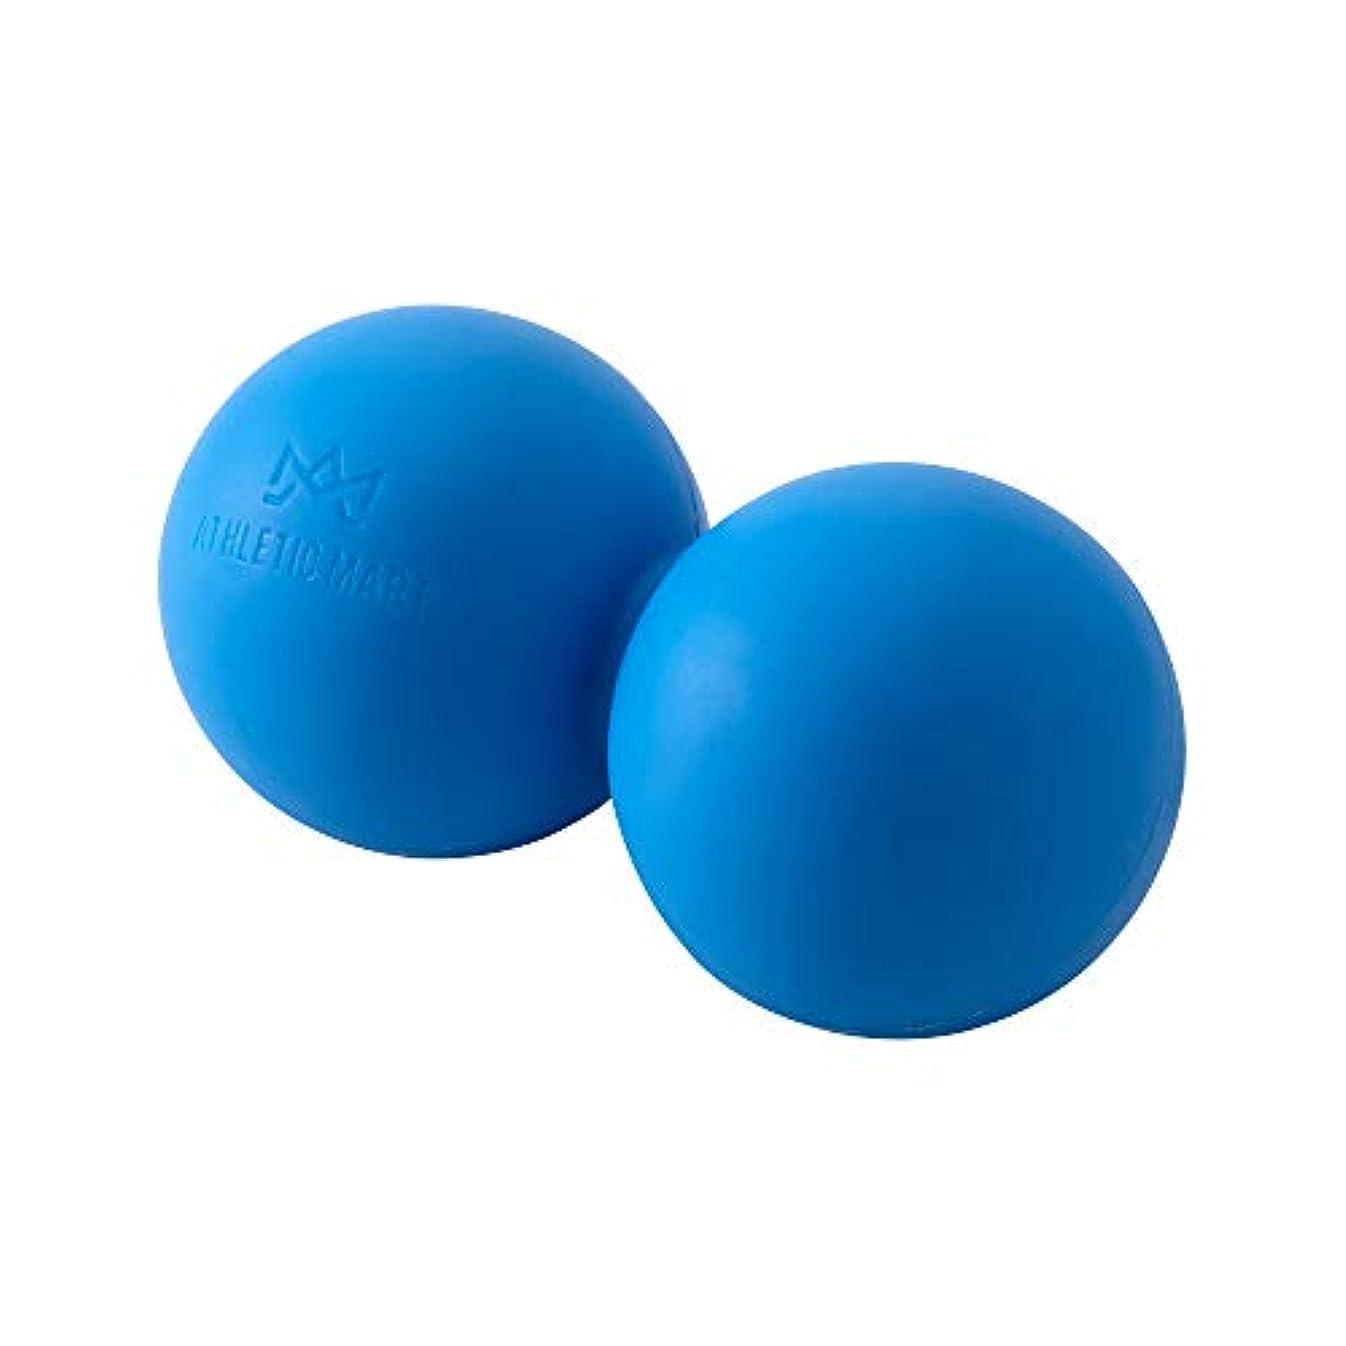 動員する故意の無実ATHLETIC MART ピーナッツ型ストレッチボール マッサージボール ラクロスボール2個サイズ ツボ押し (ブルー)